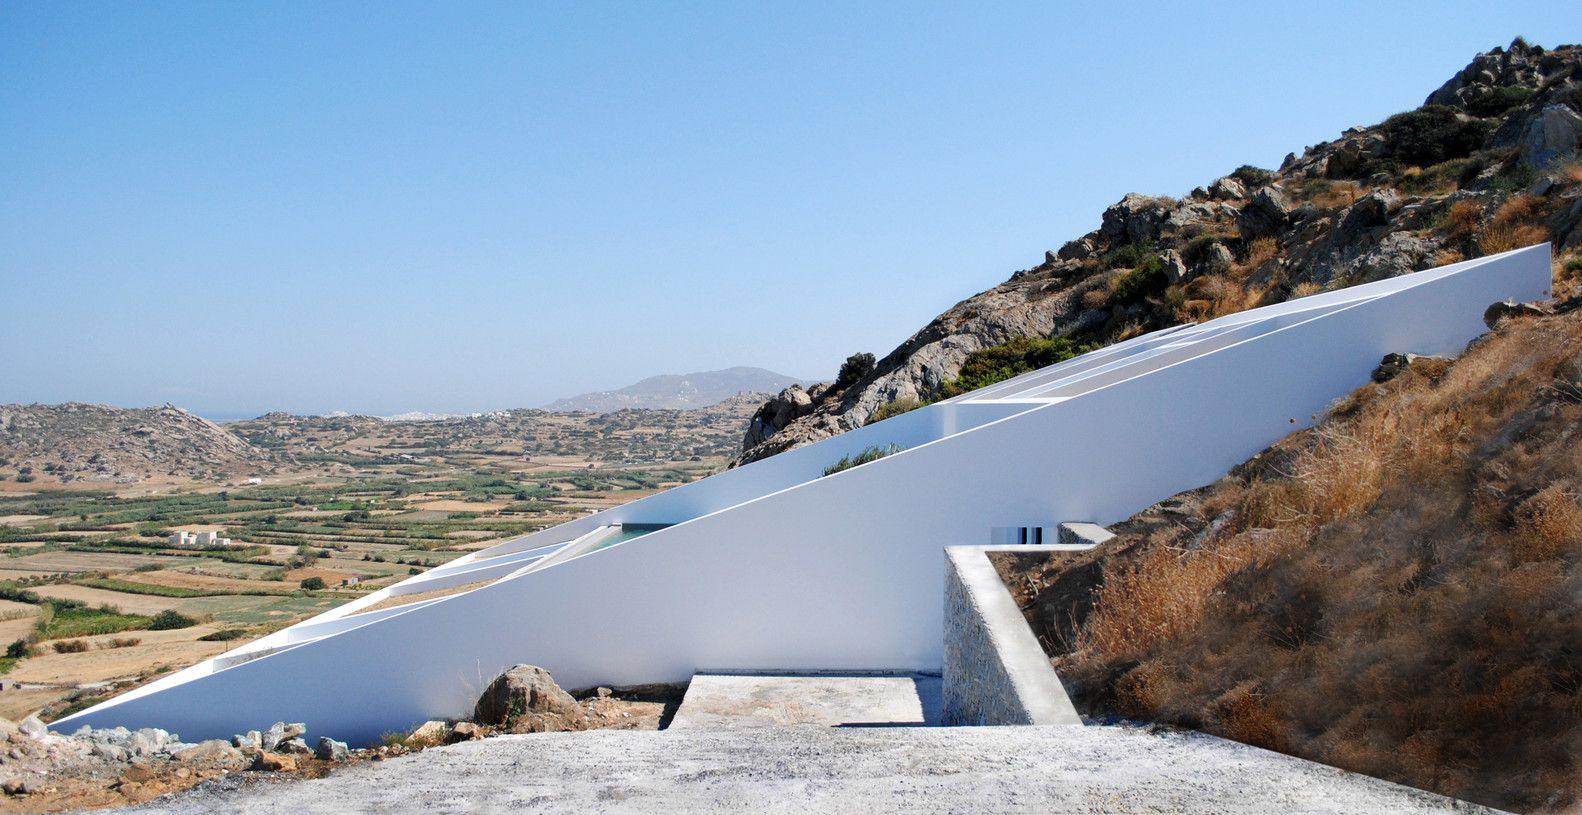 Casa de Verano en Naxos,Courtesy of Katerina Kritou & Nikolaos Platsas